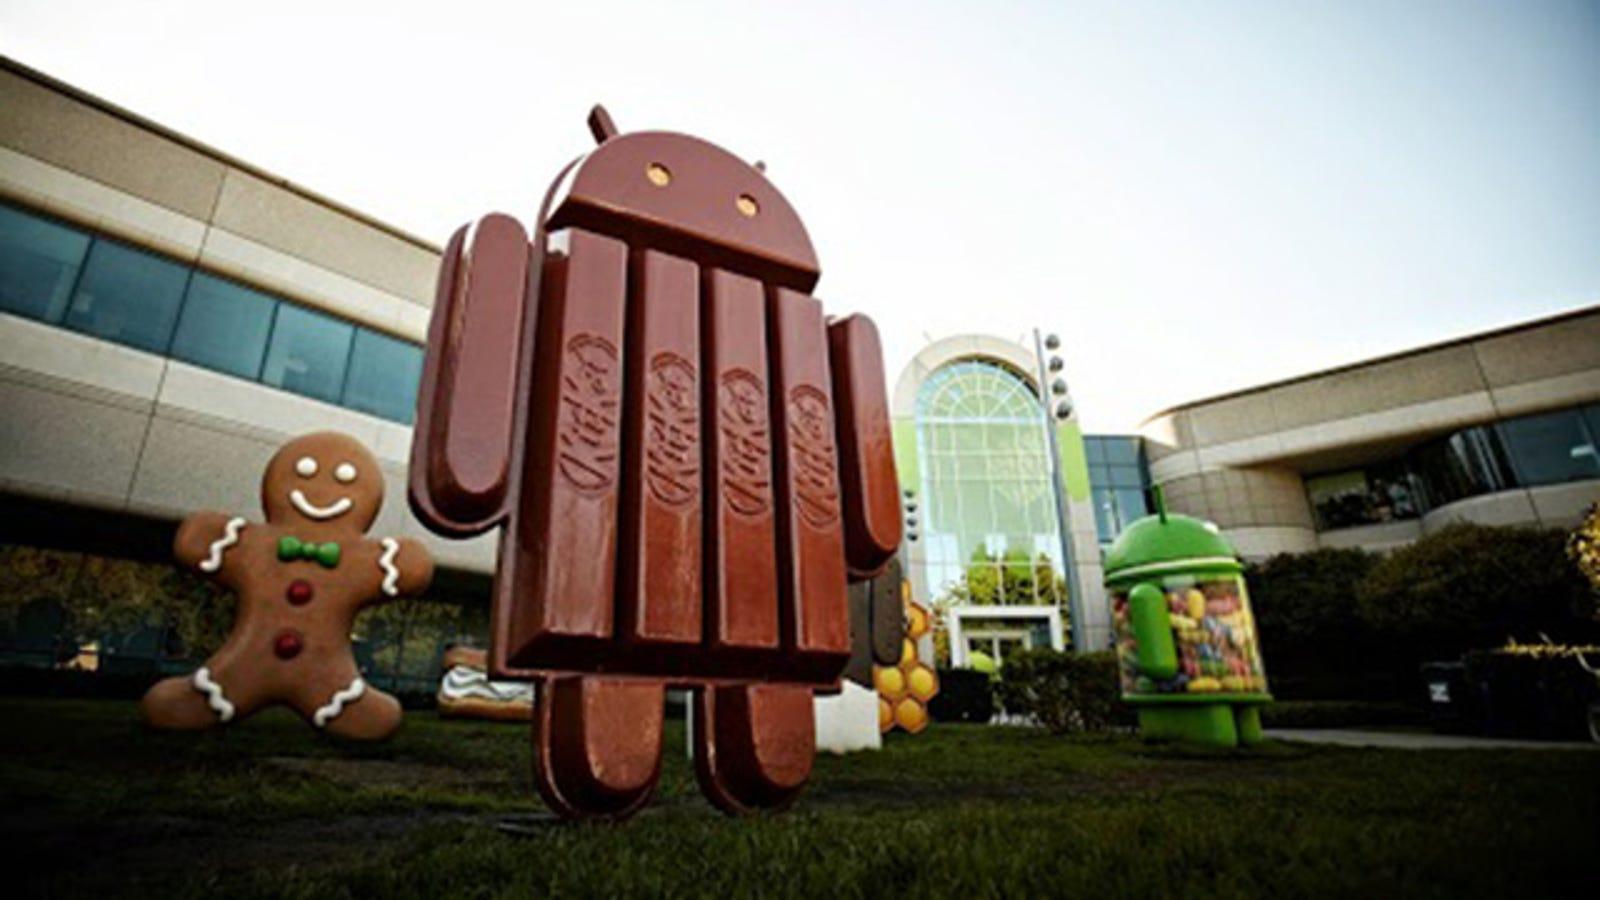 La próxima versión de Android se llamará... KitKat